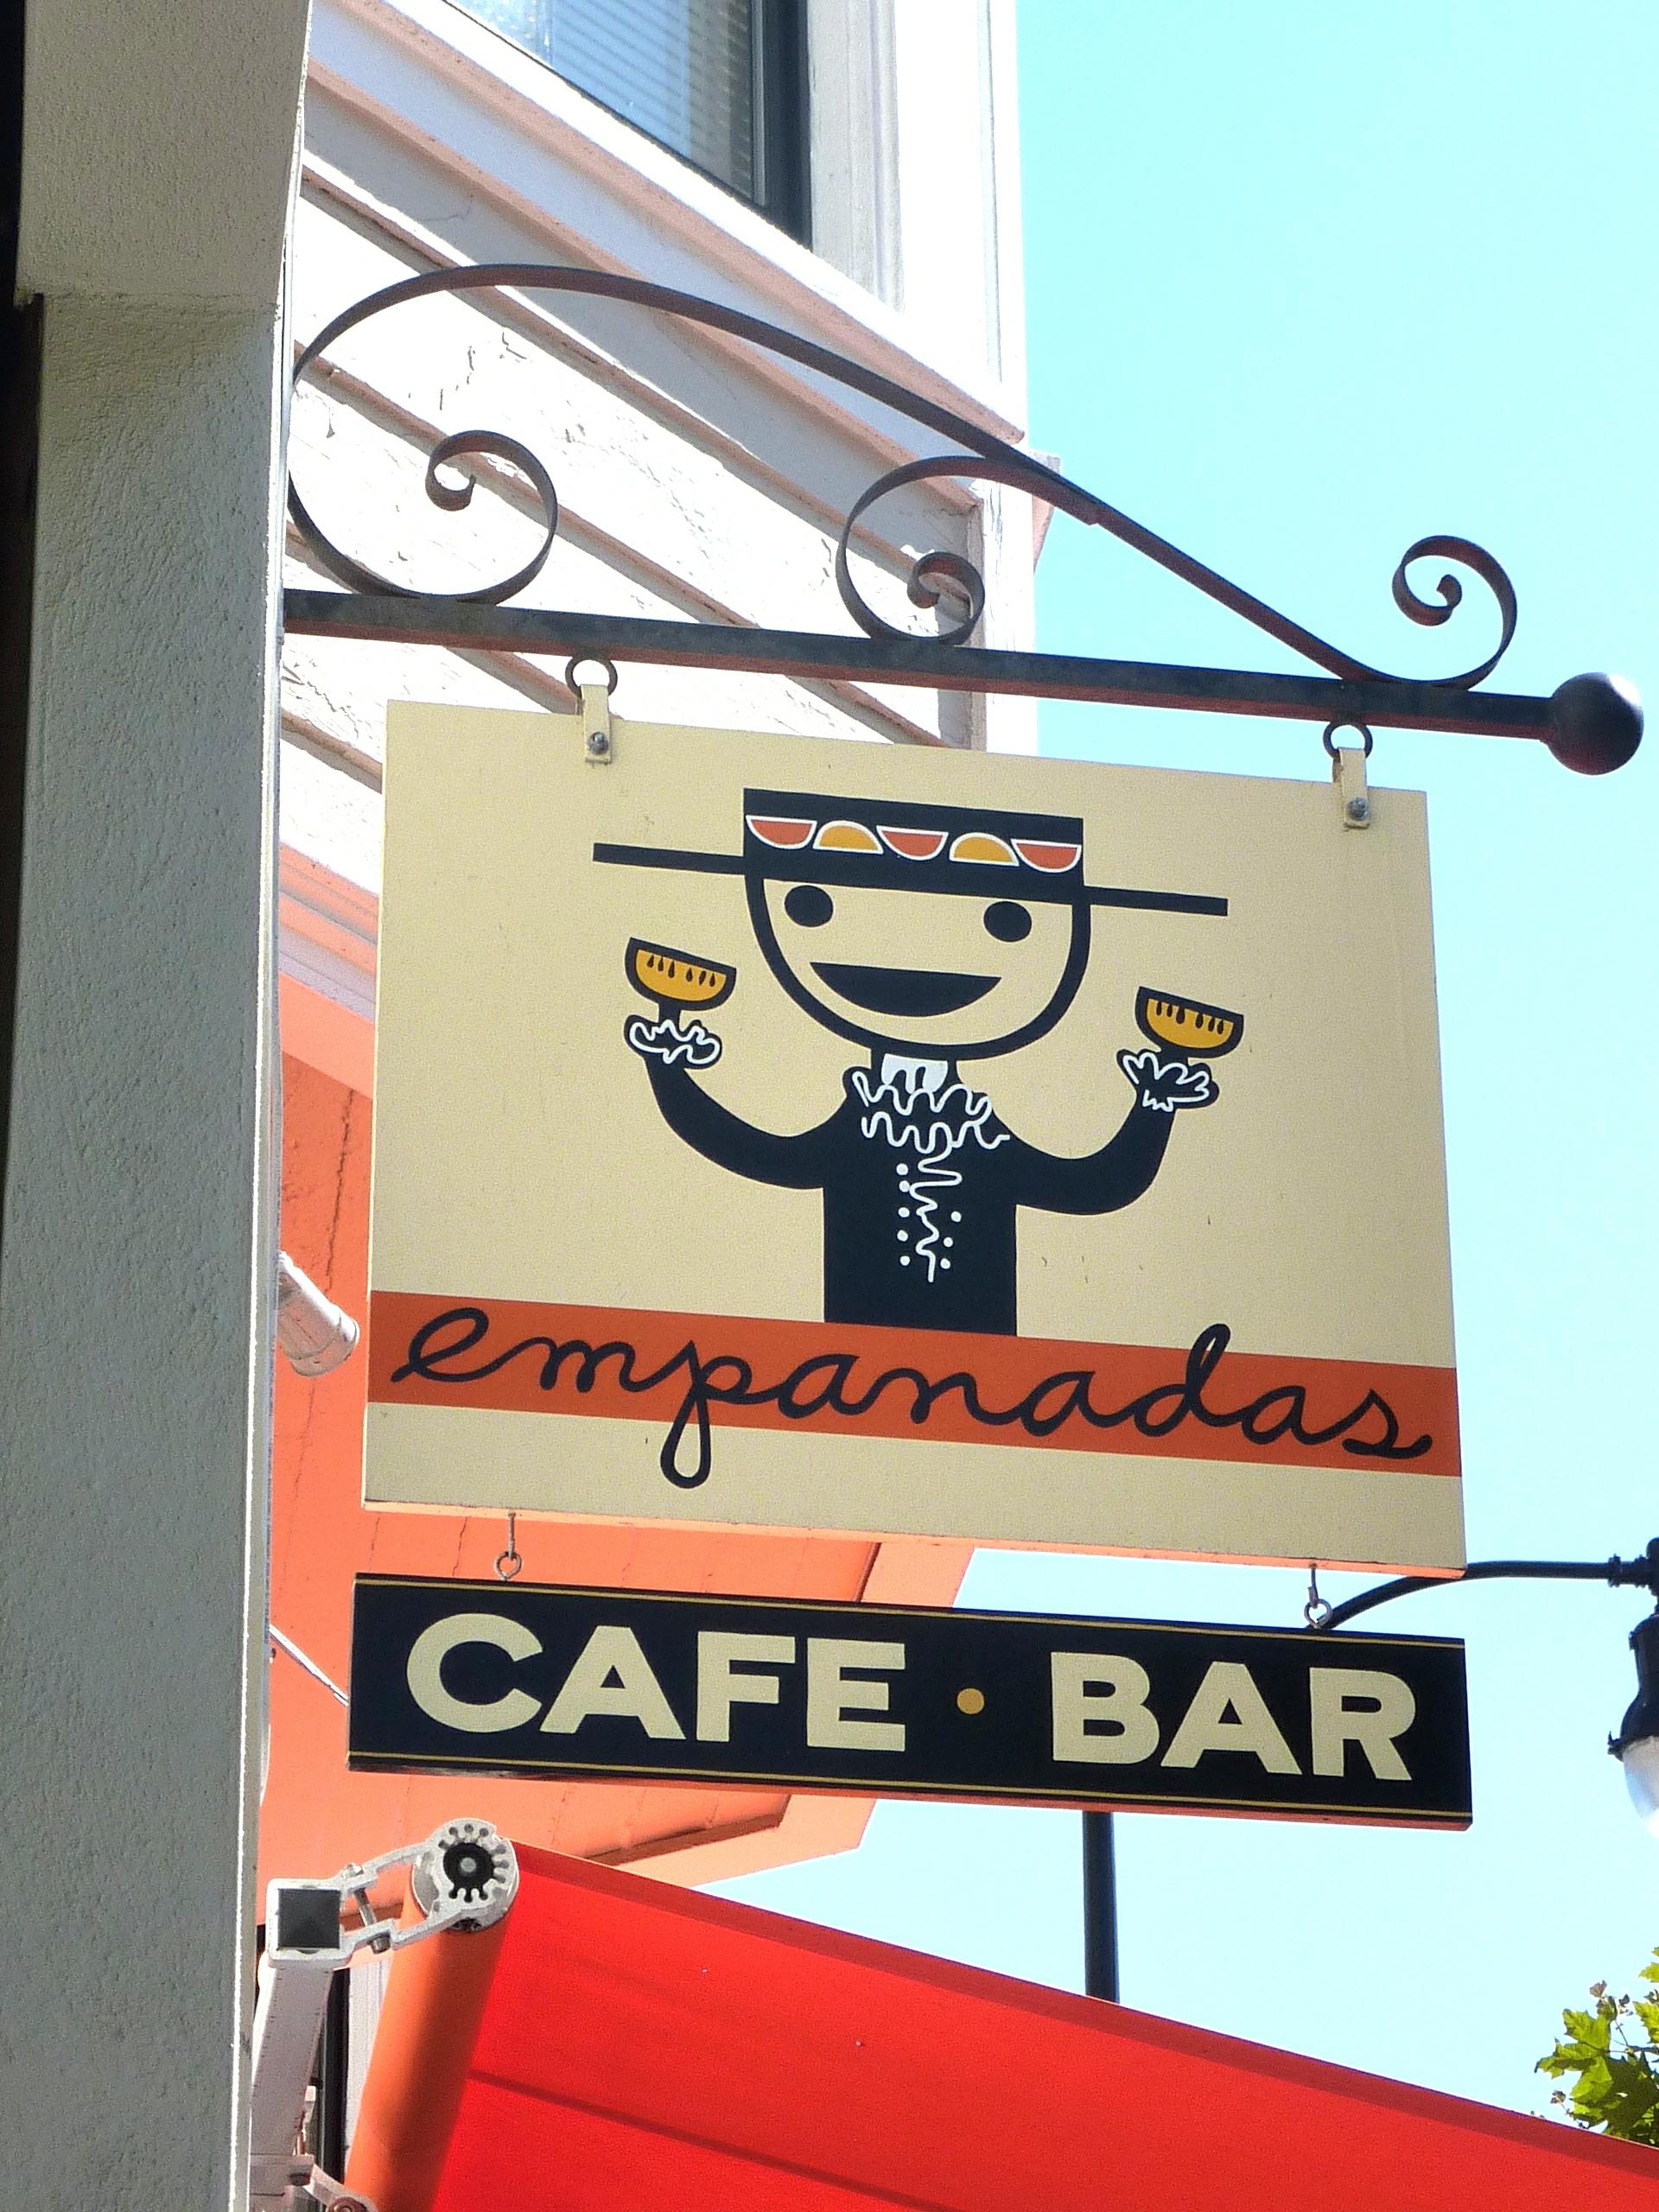 HAND-empanadas_9669448068_o.jpg